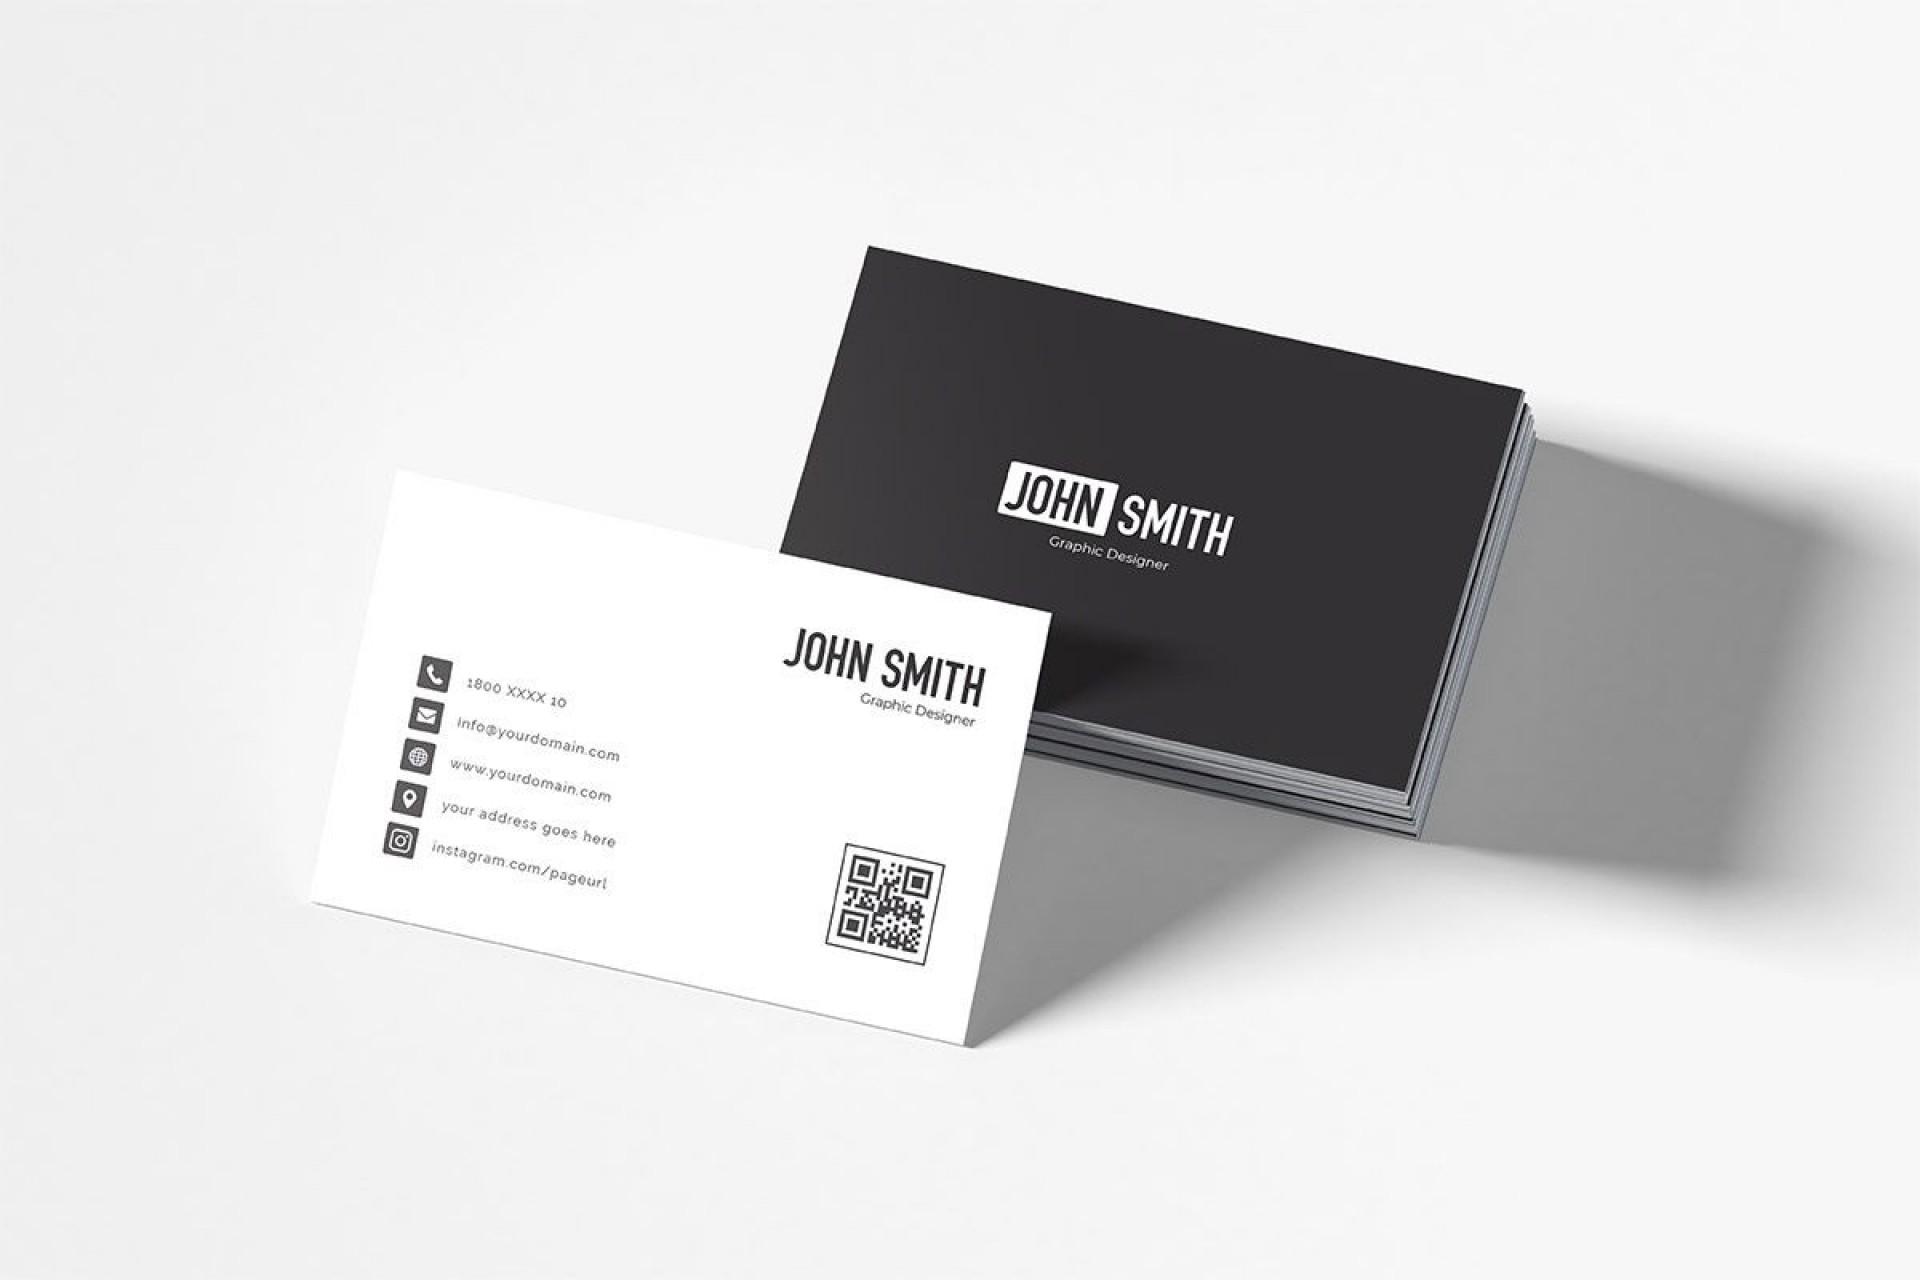 008 Stunning Minimalist Busines Card Template Free Image  Minimal Psd1920